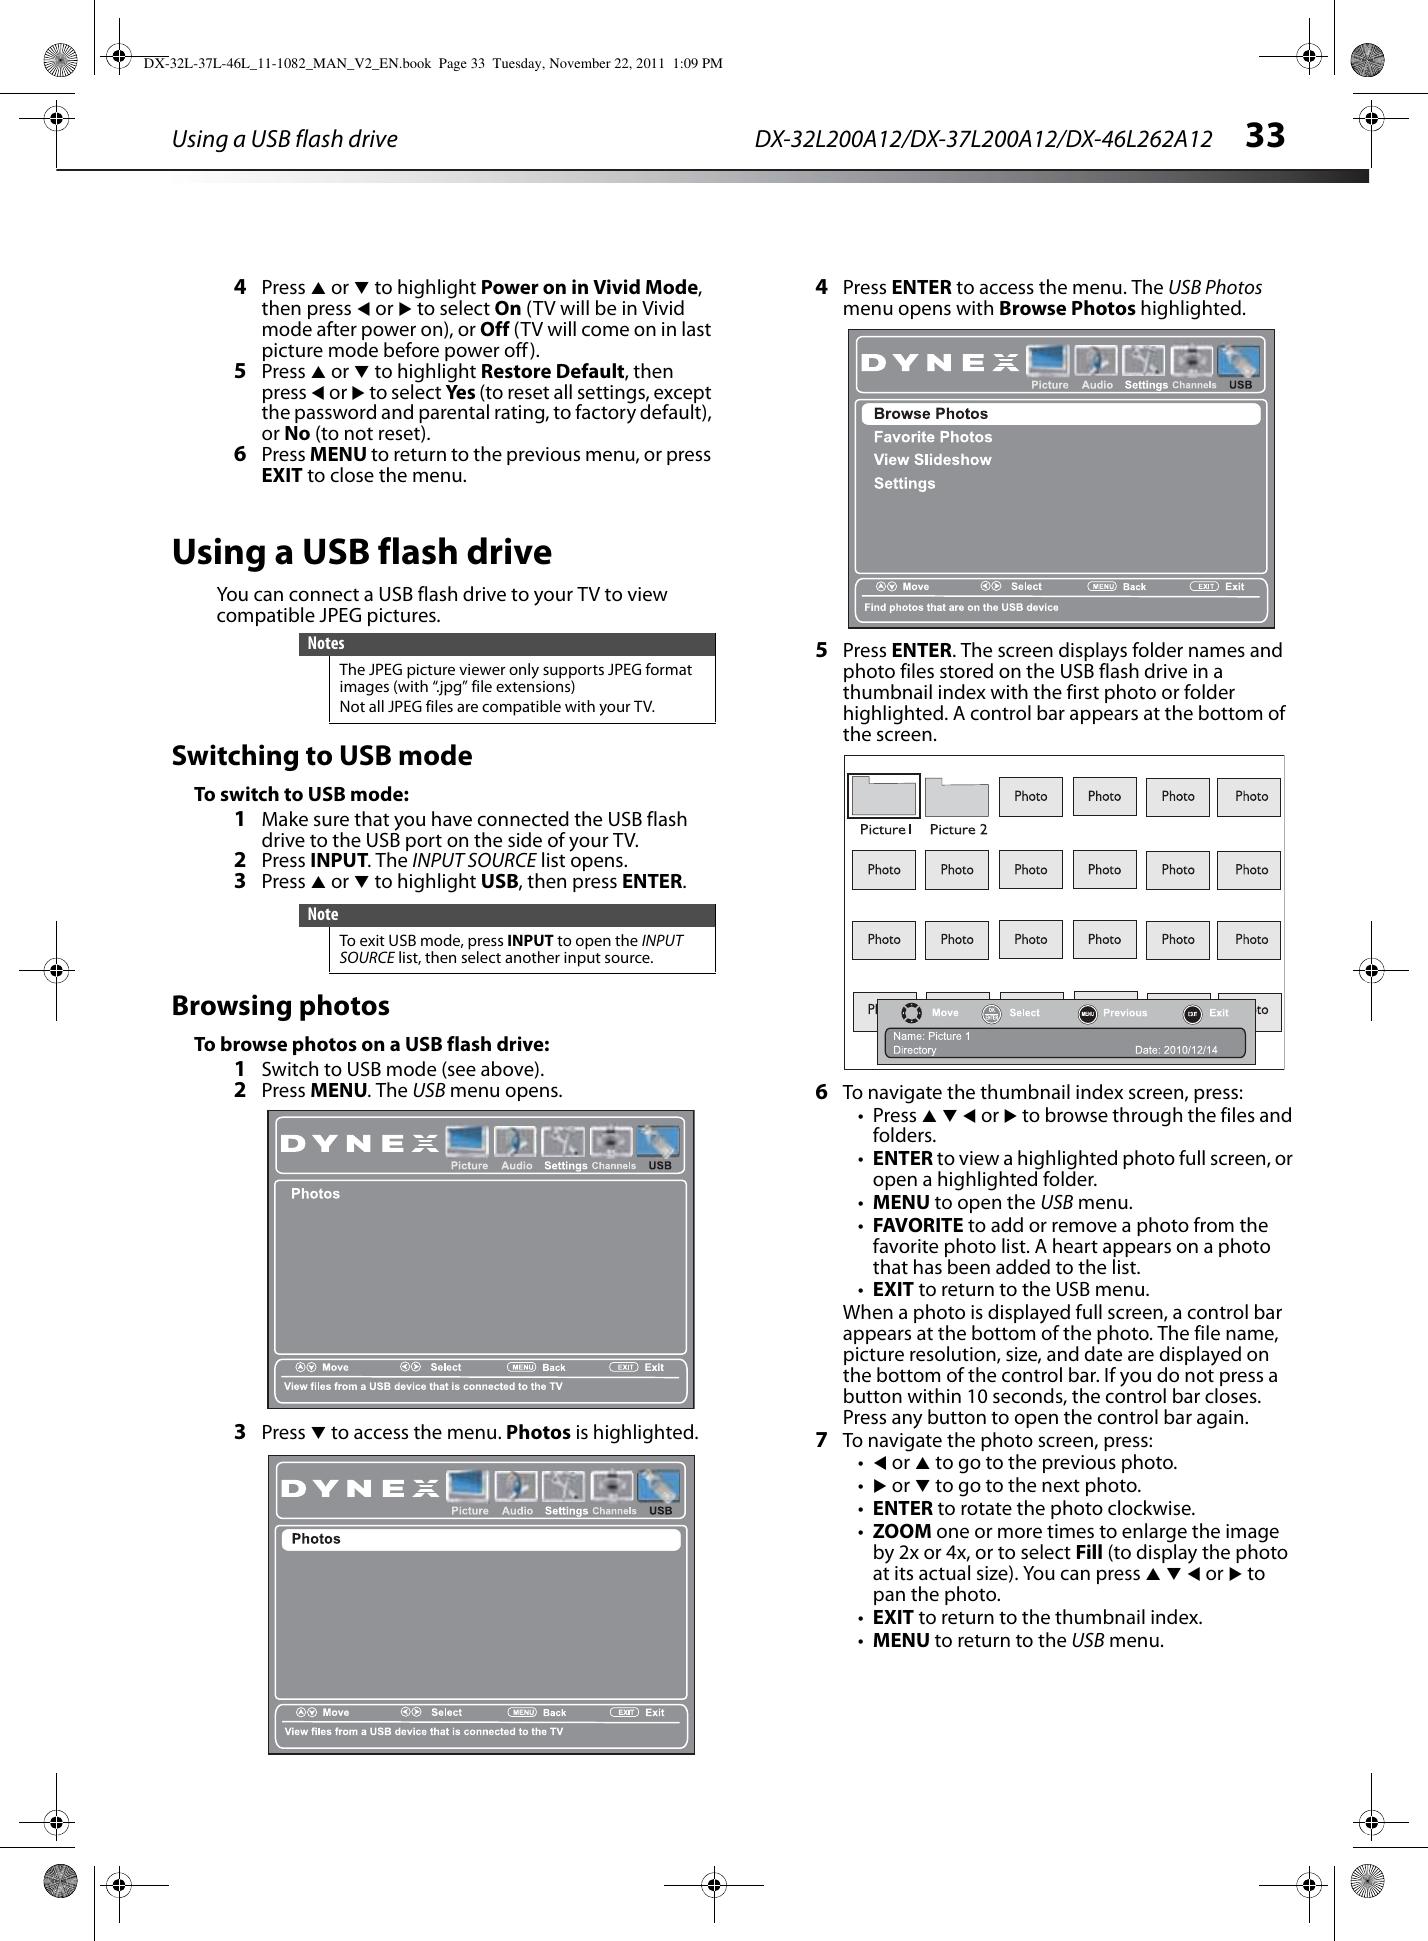 Dynex Dx 32L200A12 Users Manual 32L 37L 46L_11 1082_MAN_V2_EN